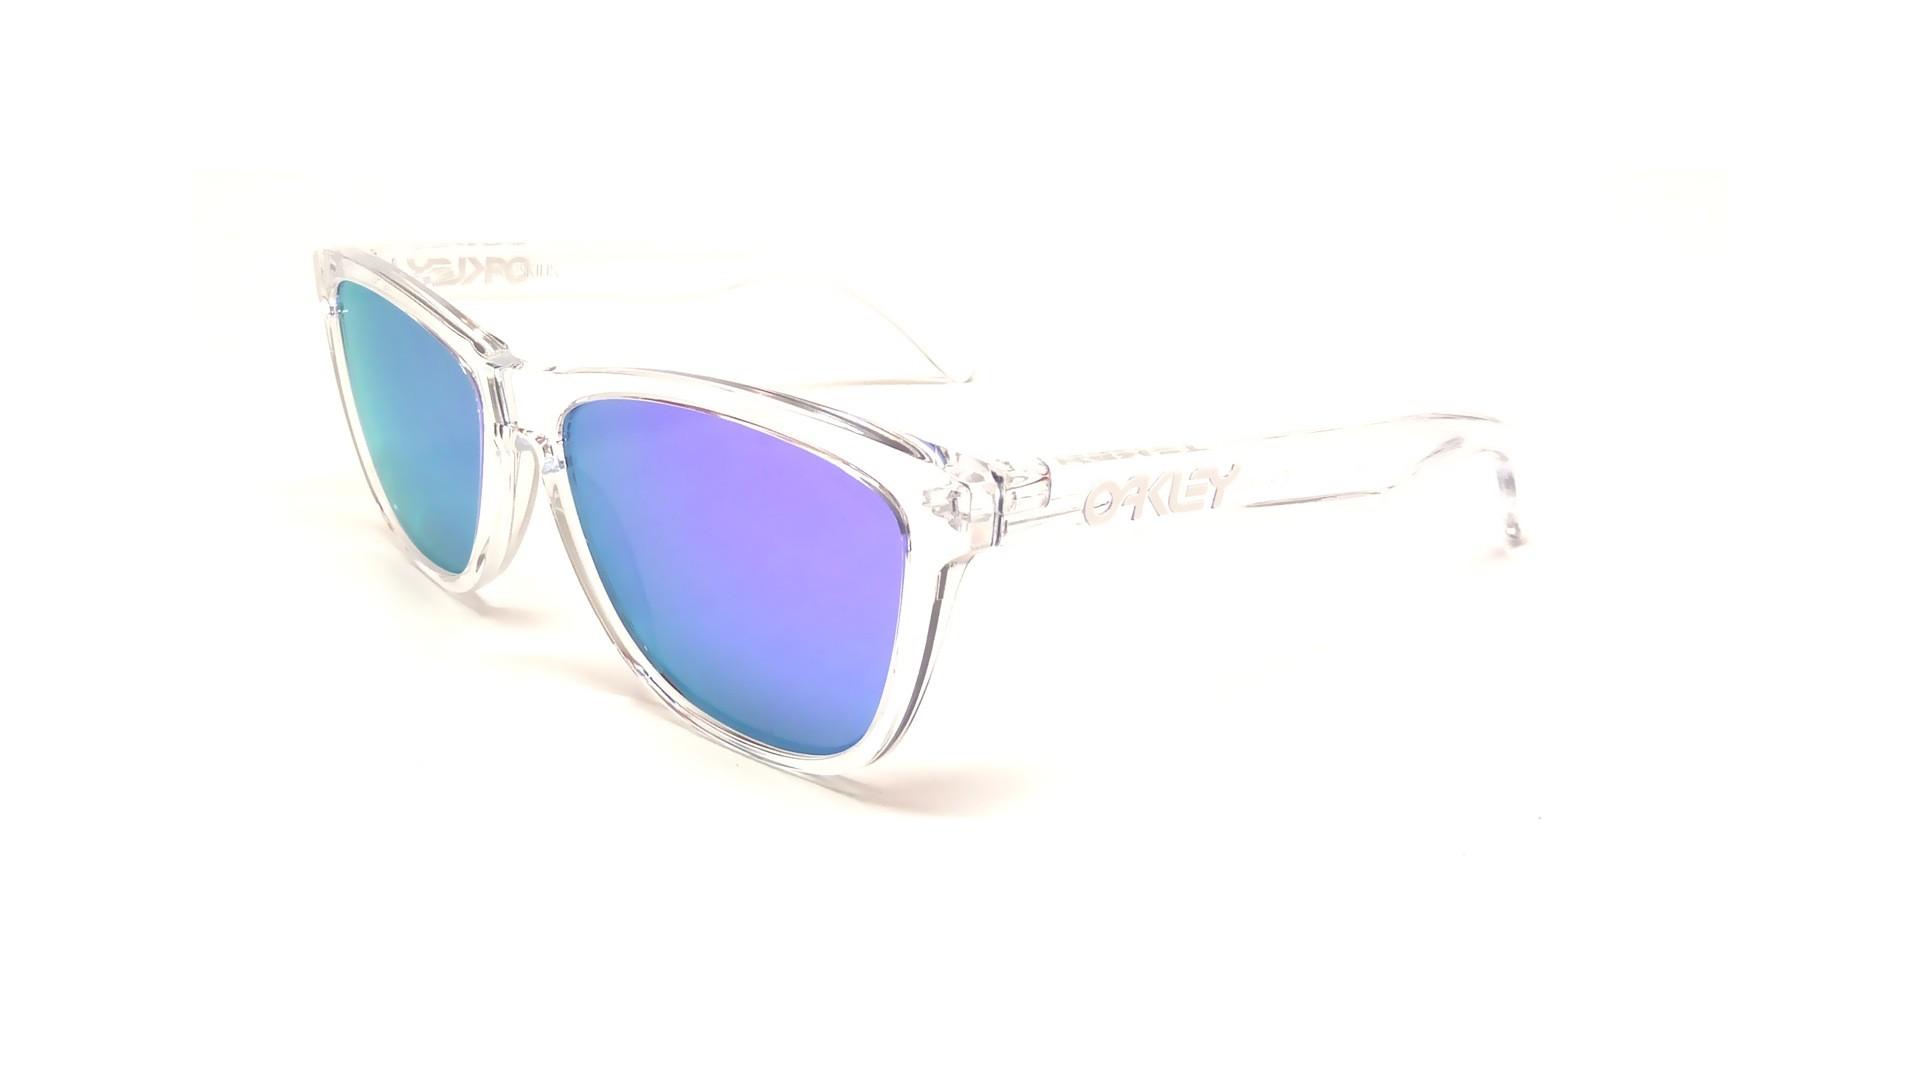 Oakley Eyeglasses Ce5y